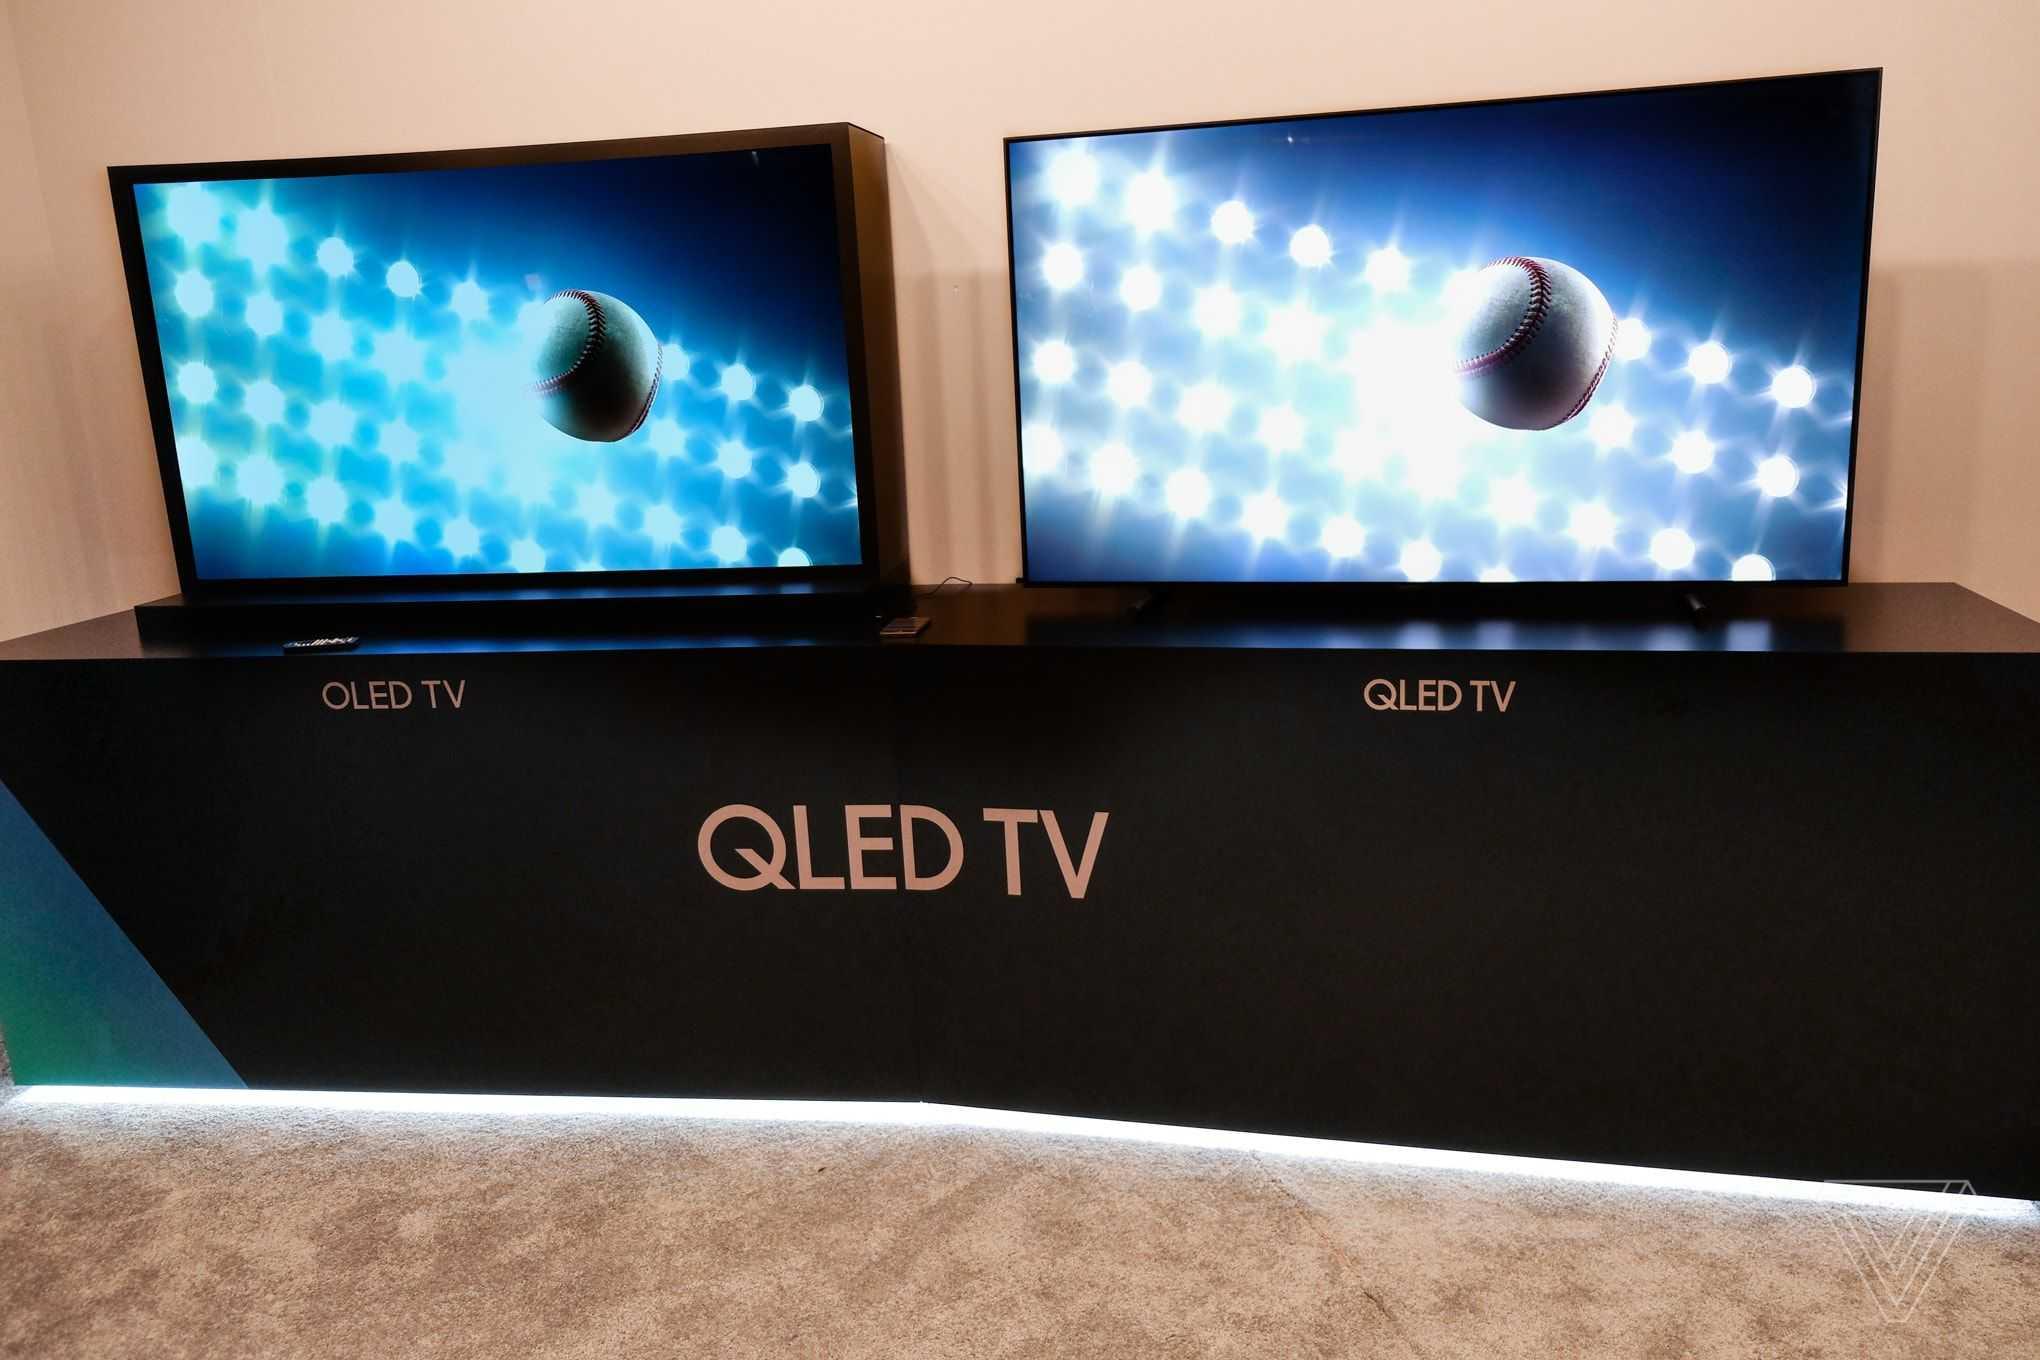 Топ—7. лучшие телевизоры до 50000 рублей. март 2020 года. рейтинг!